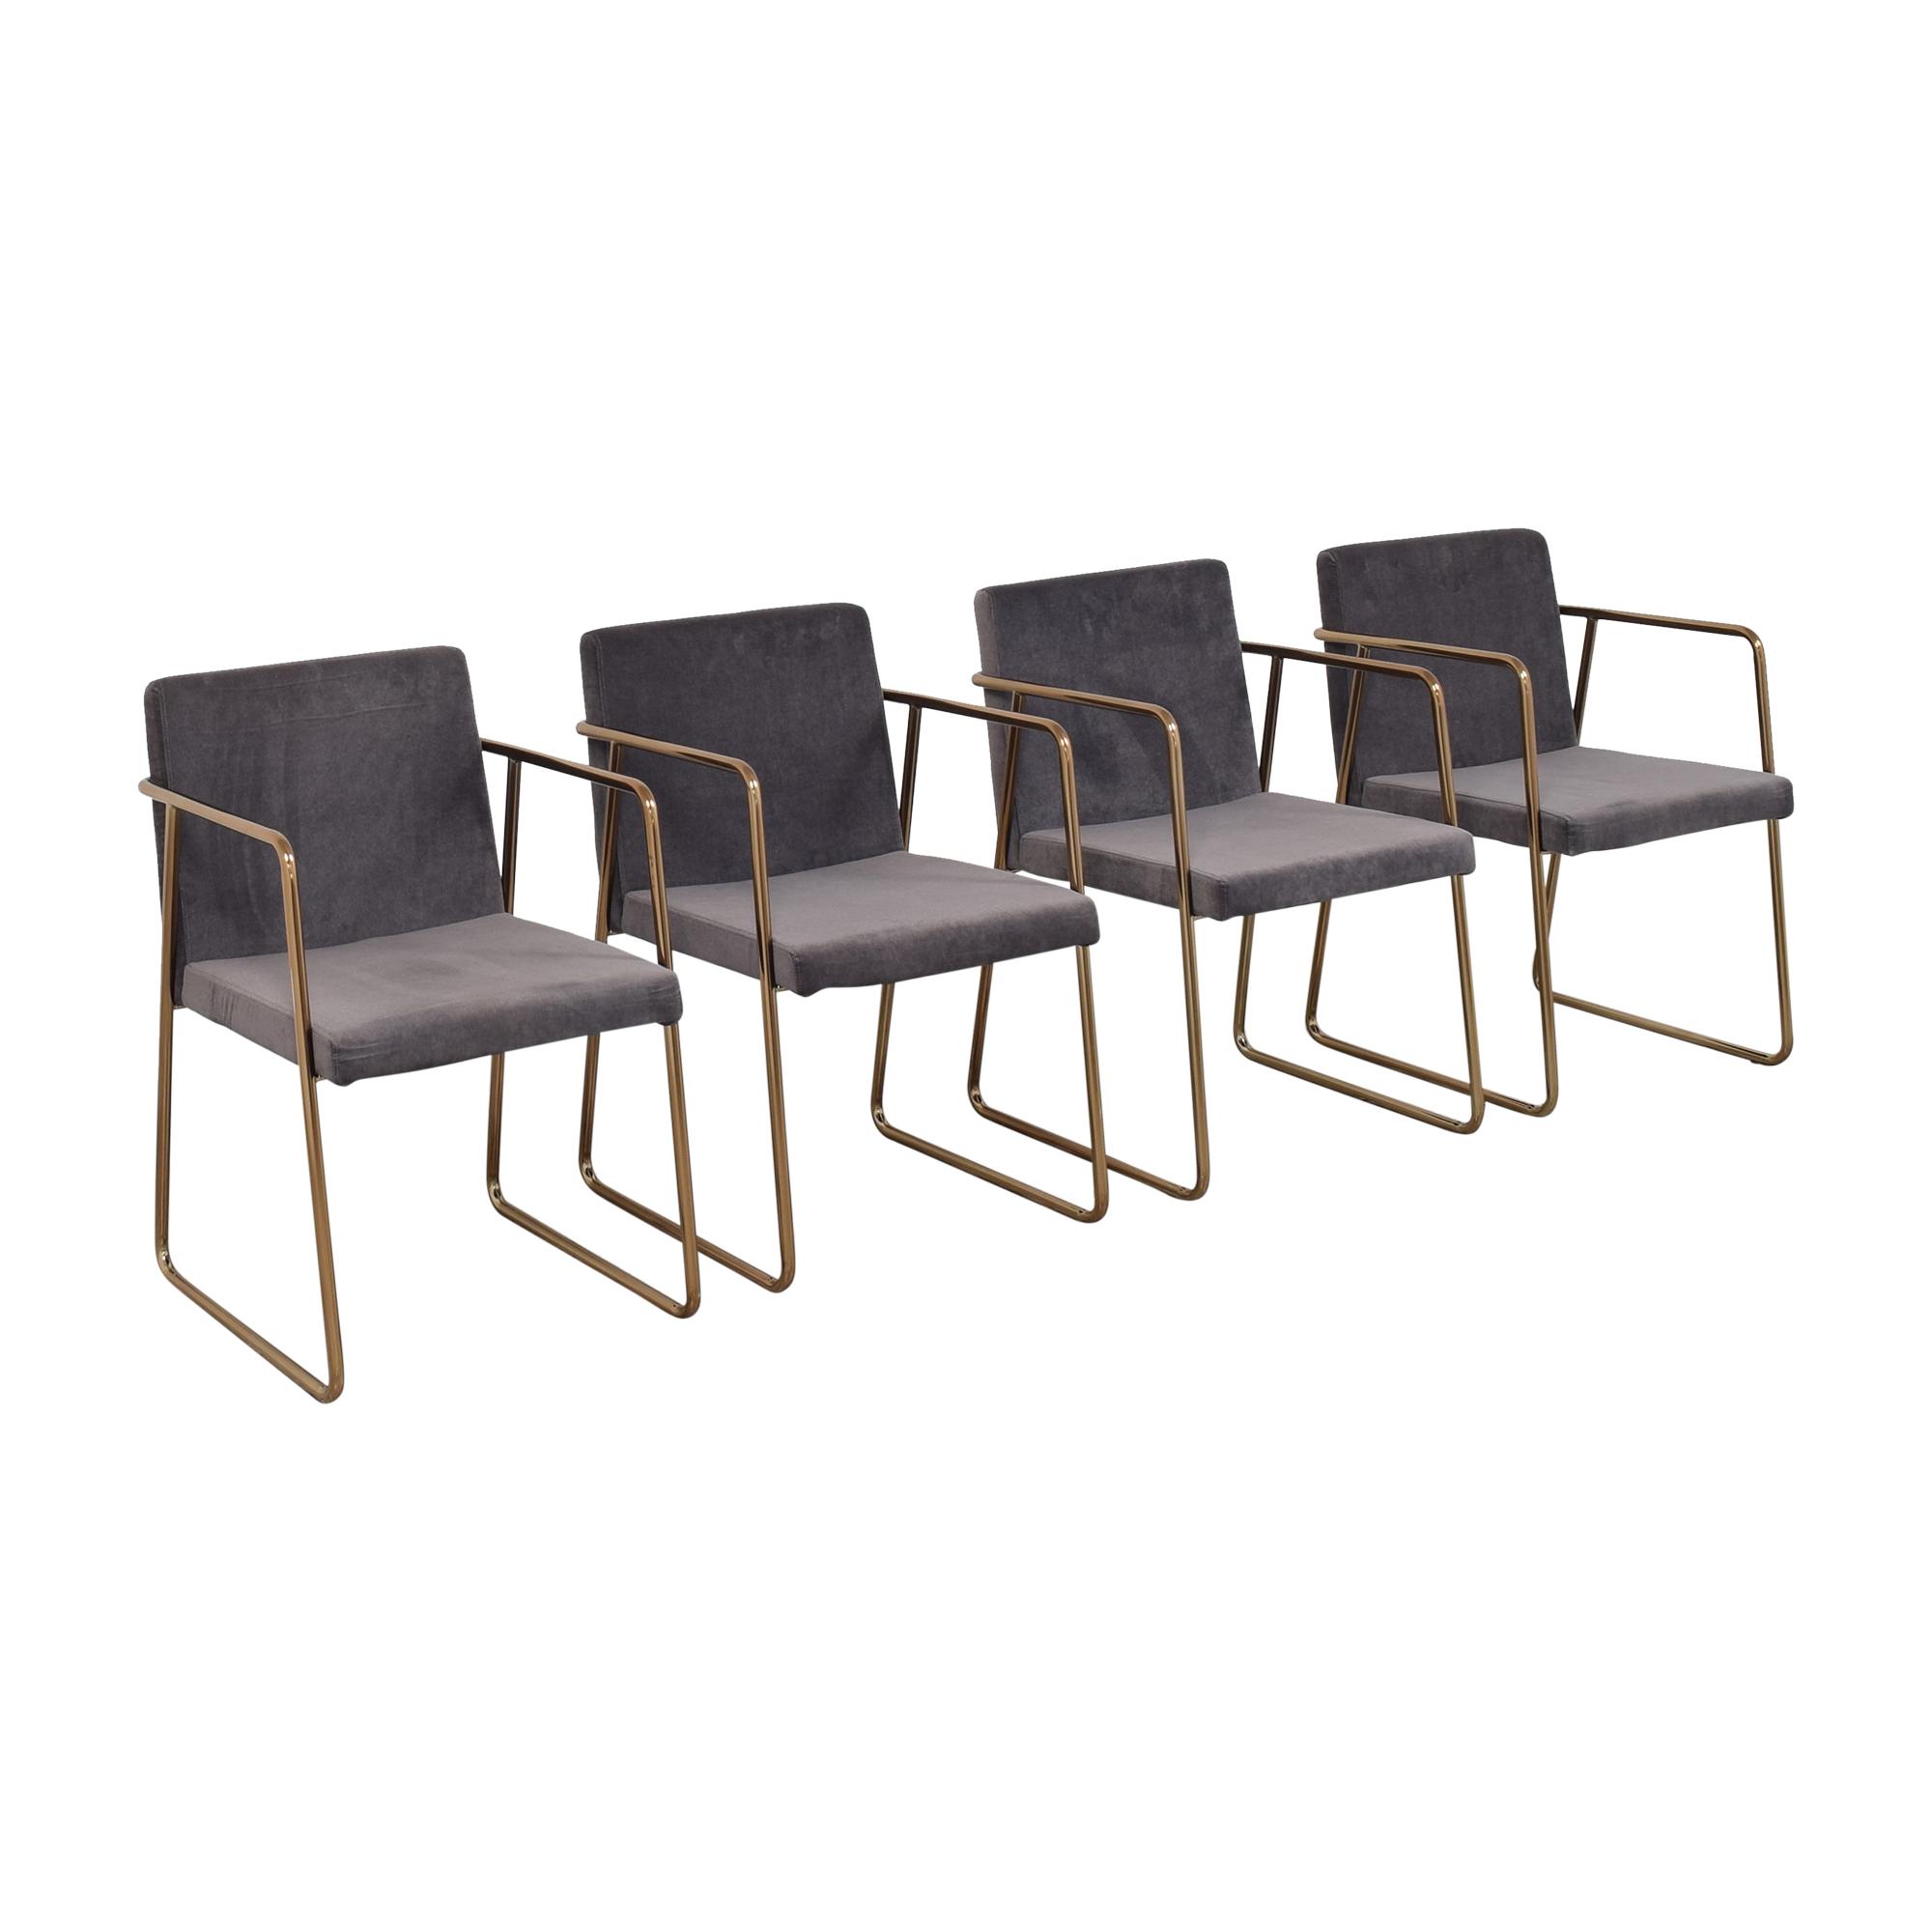 CB2 CB2 Rouka Chairs